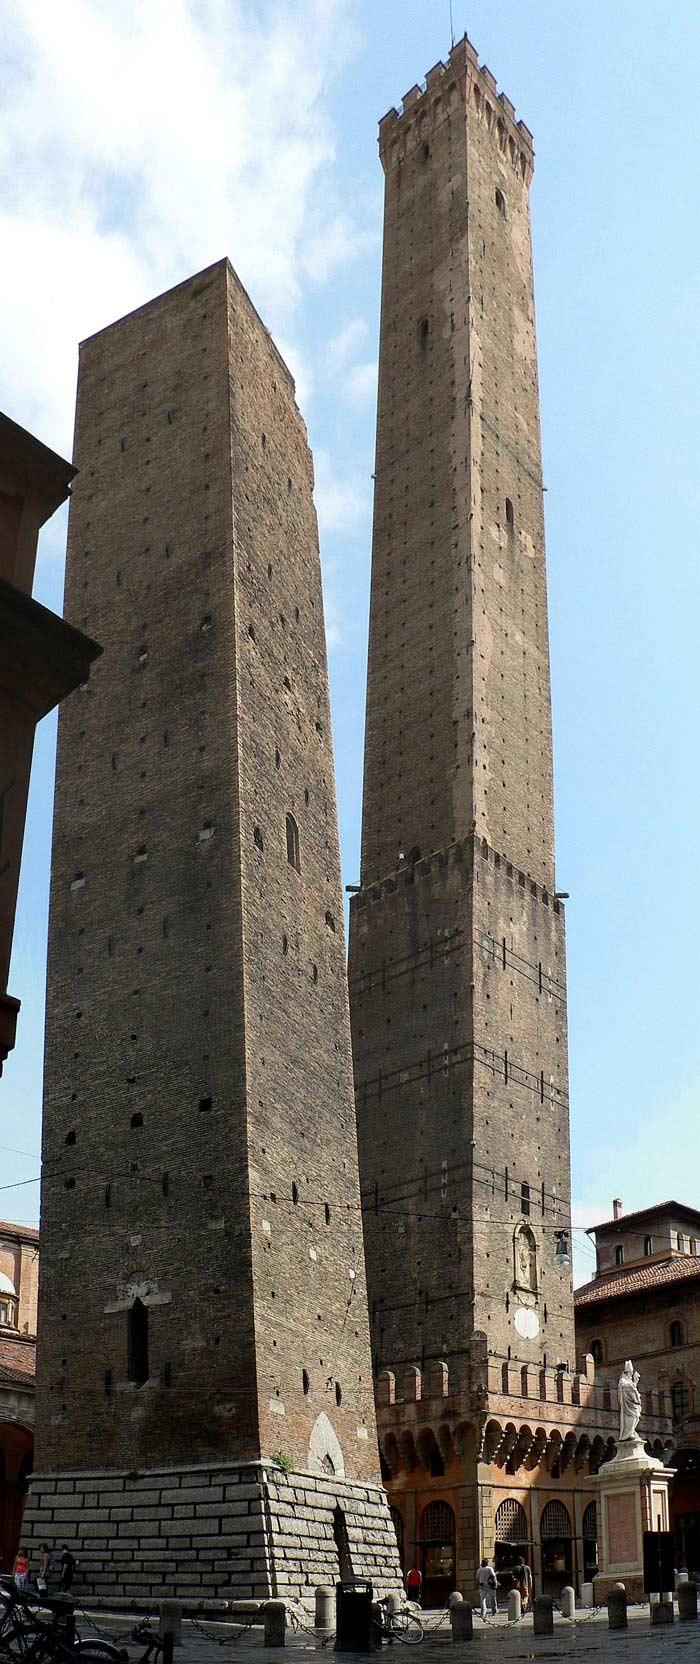 Две башни Болоньи, Италия